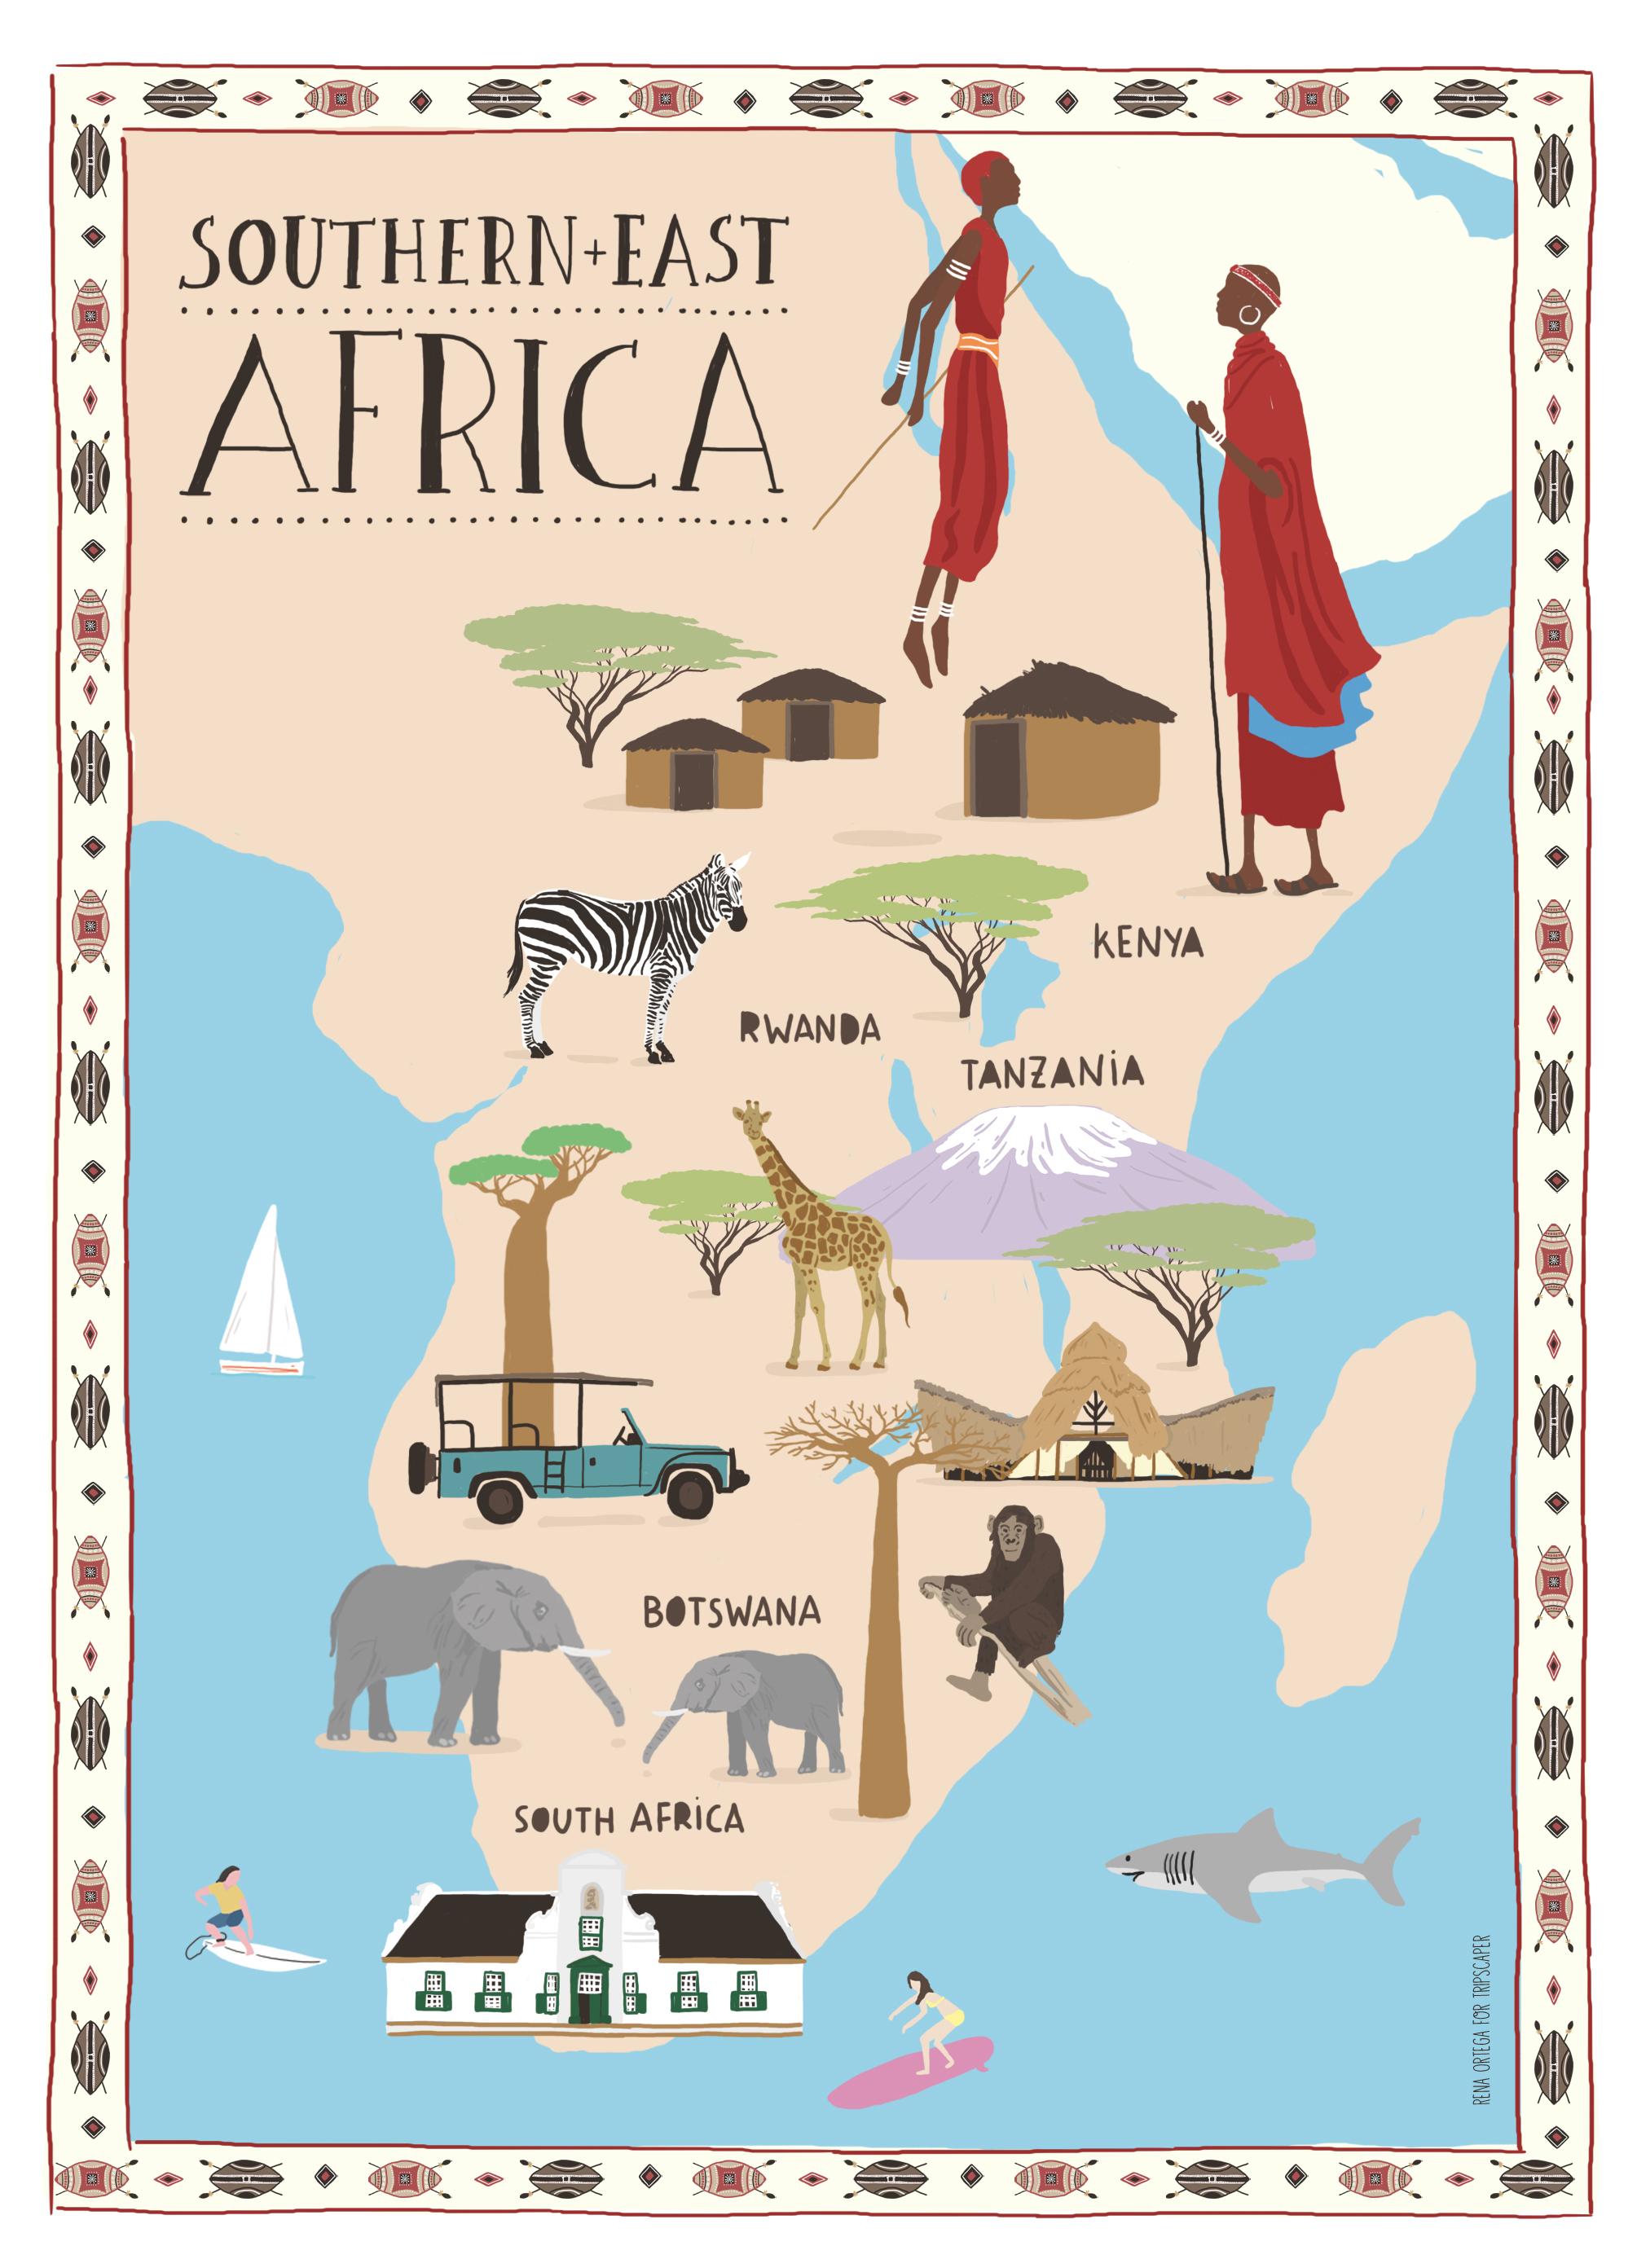 AF_MAP_AFRICA_2.jpg